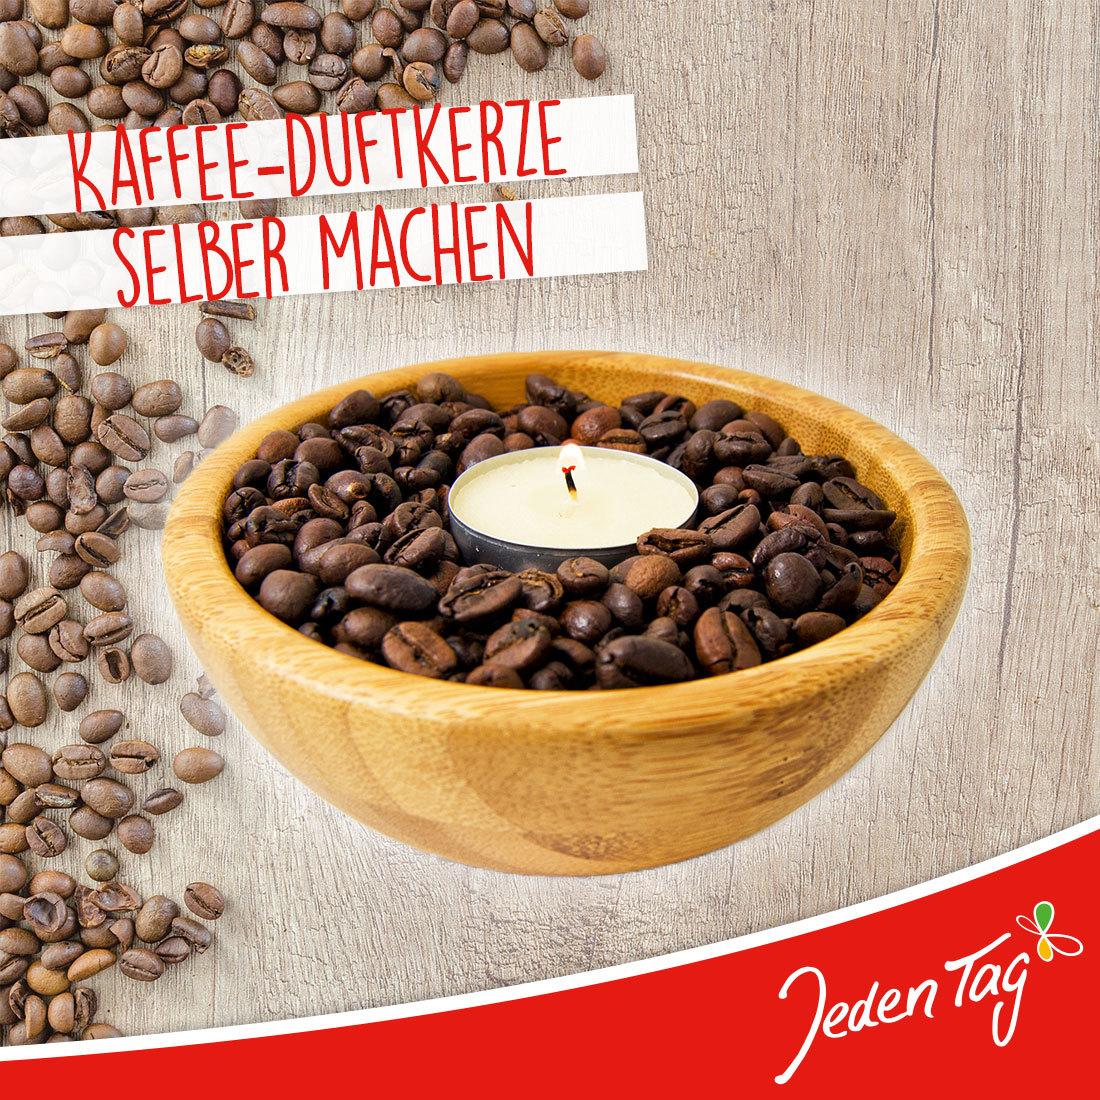 Kaffee Duftkerze